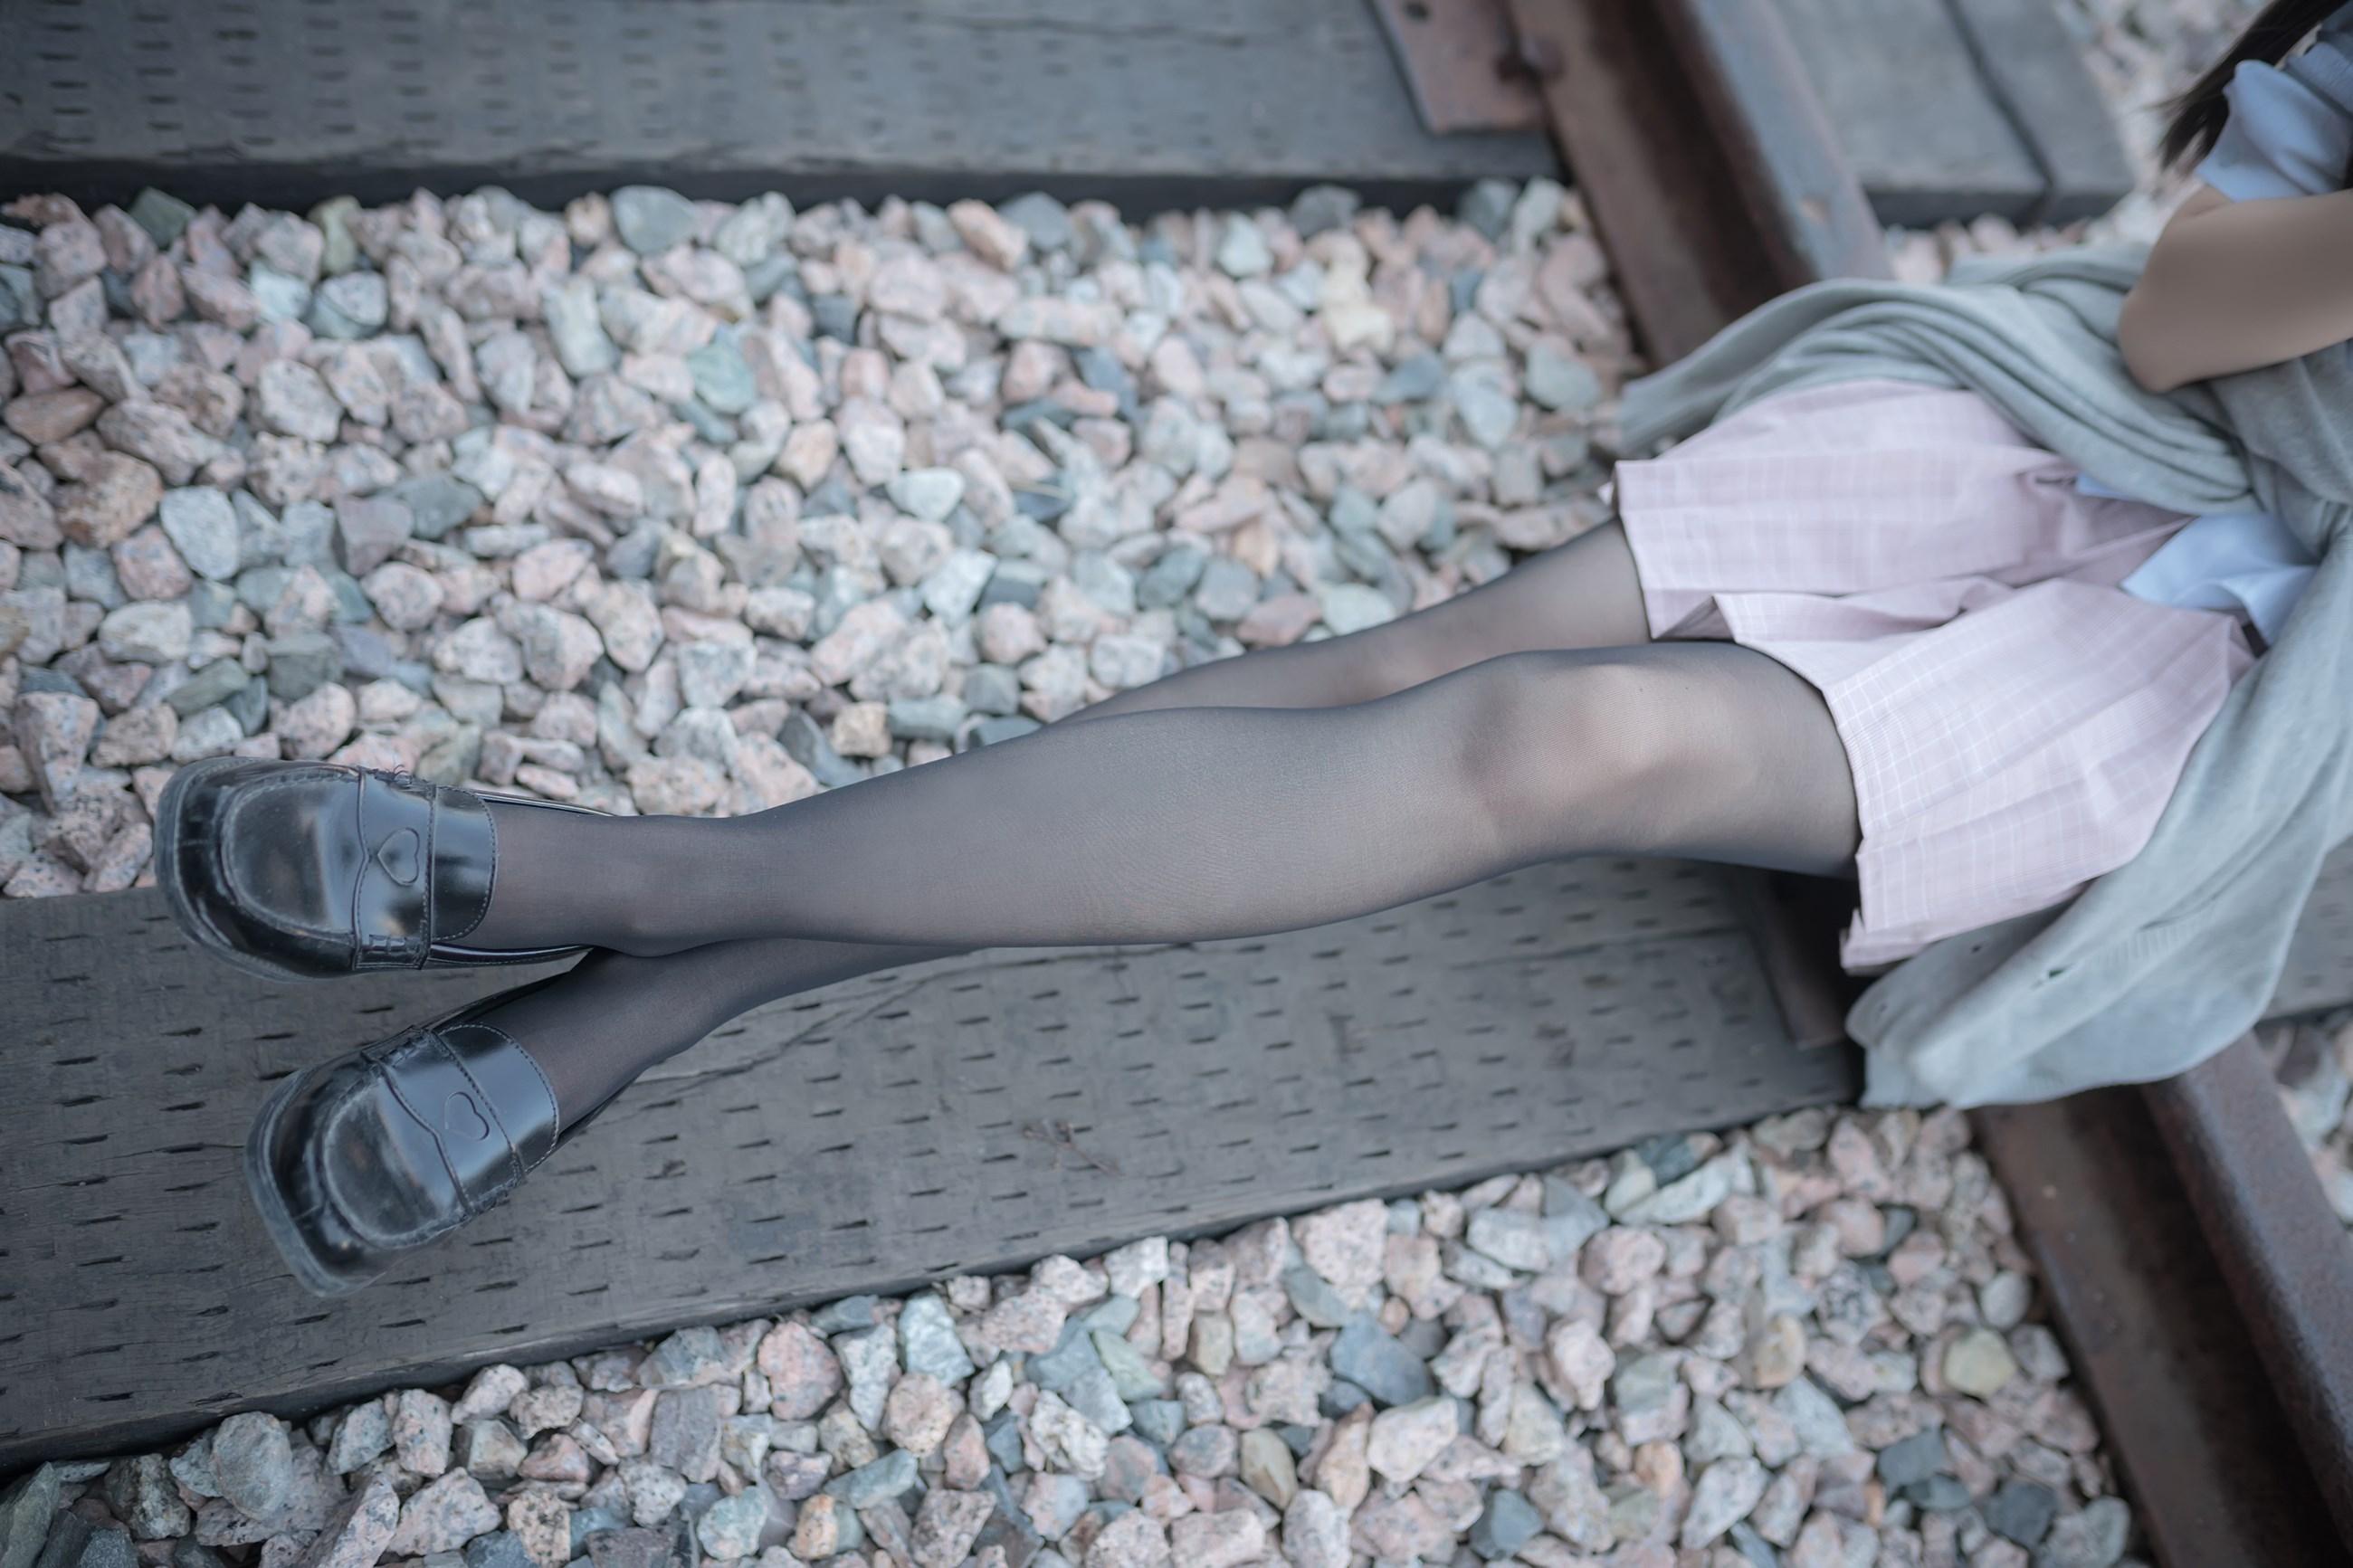 【兔玩映画】铁轨旁的小细腿 兔玩映画 第11张